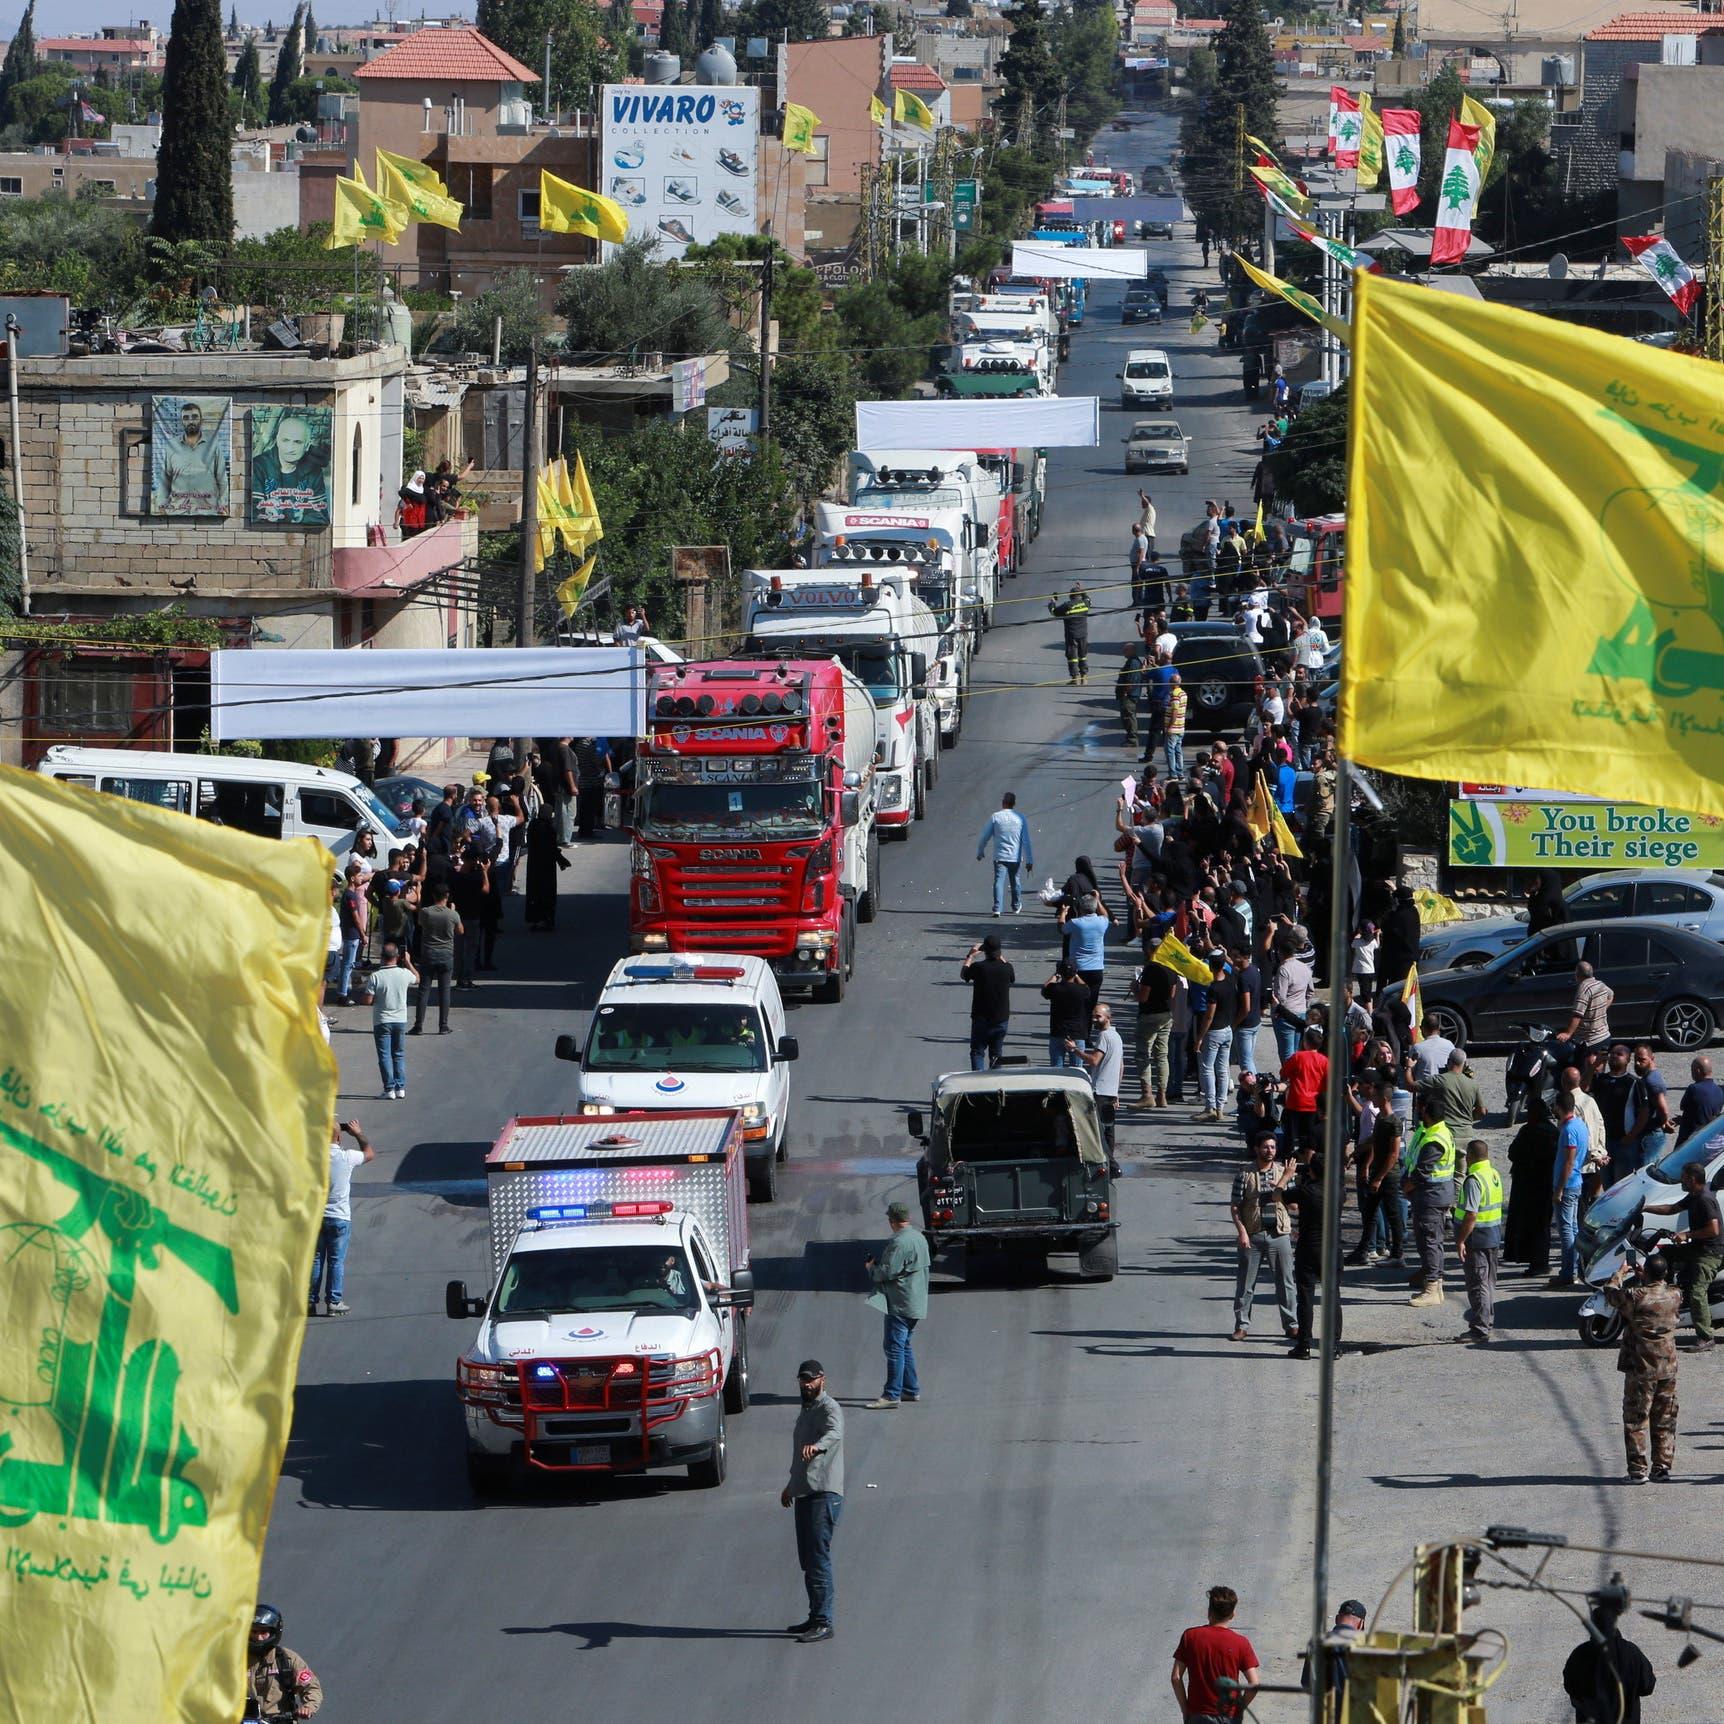 المازوت الإيراني يصل لبنان.. هل يجلب معه العقوبات؟